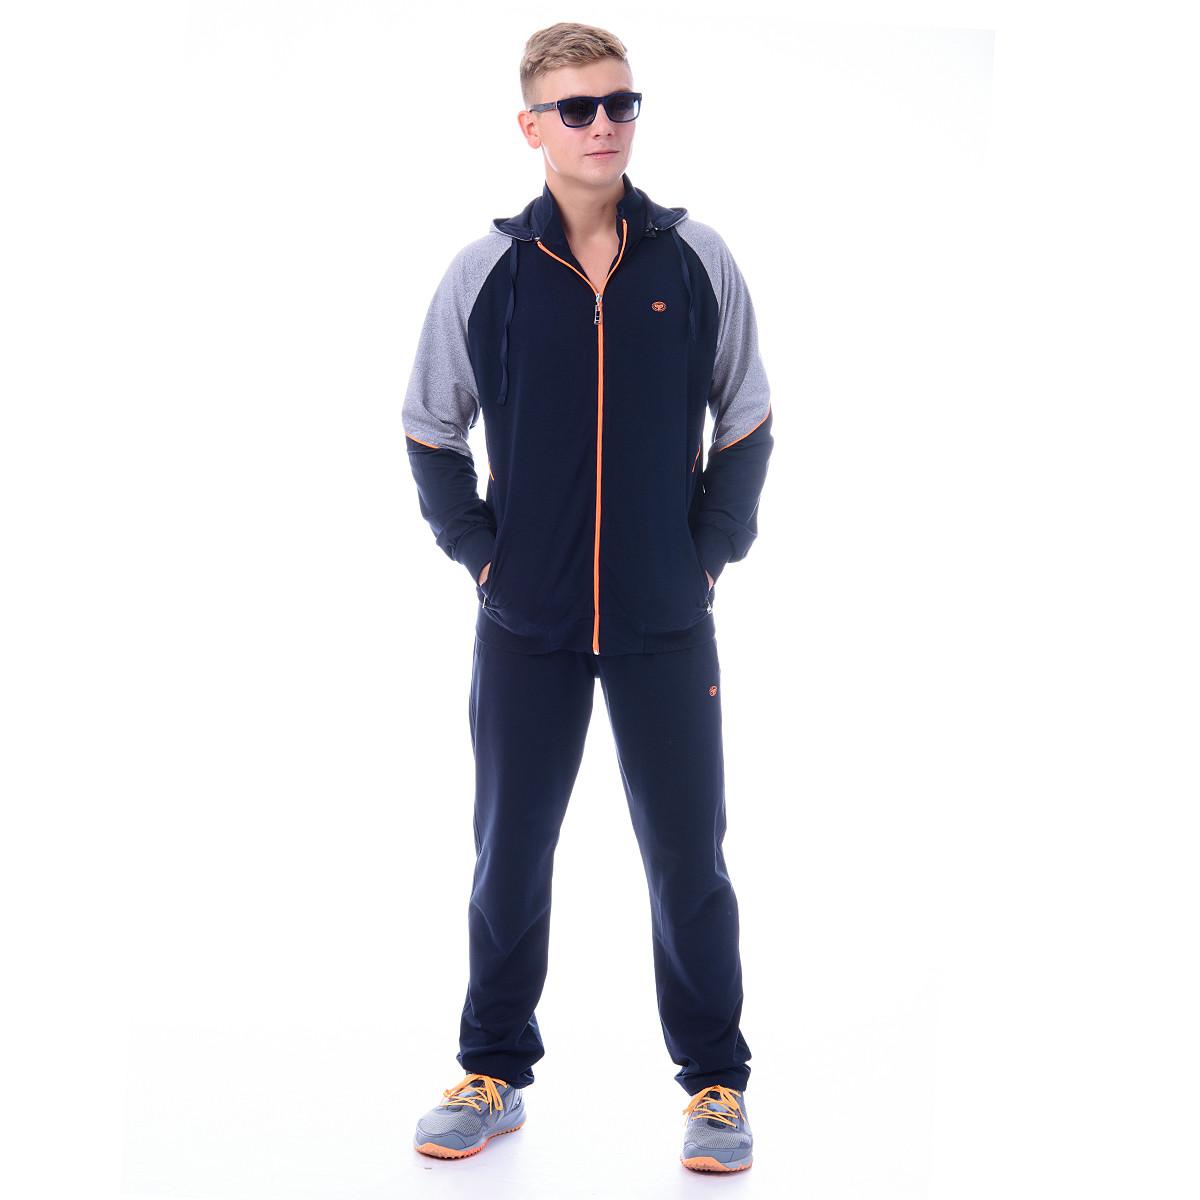 134aa893 Мужской спортивный костюм Piyera 7311-4 оптом и в розницу ...